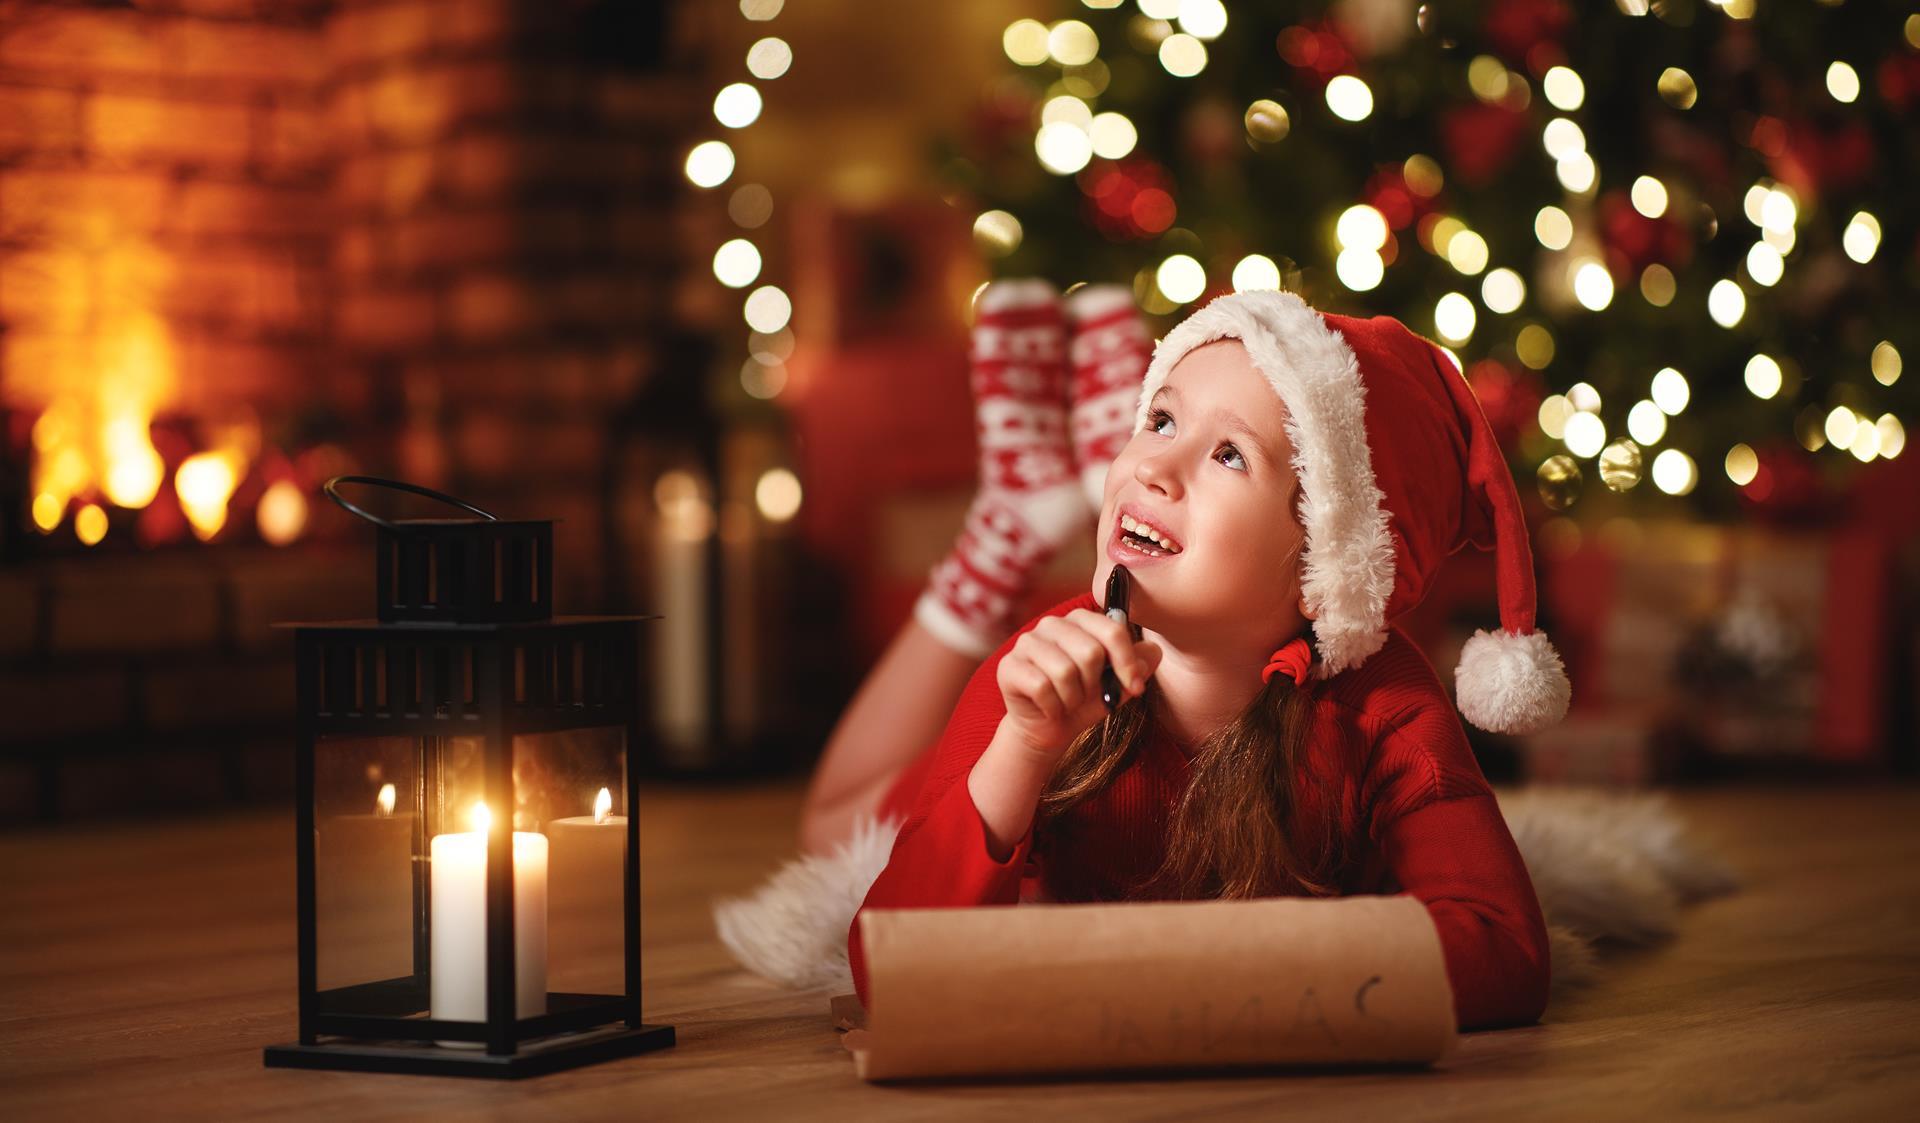 Gdyby Święty Mikołaj istniał w dzisiejszych czasach byłby przędsiebiorcą